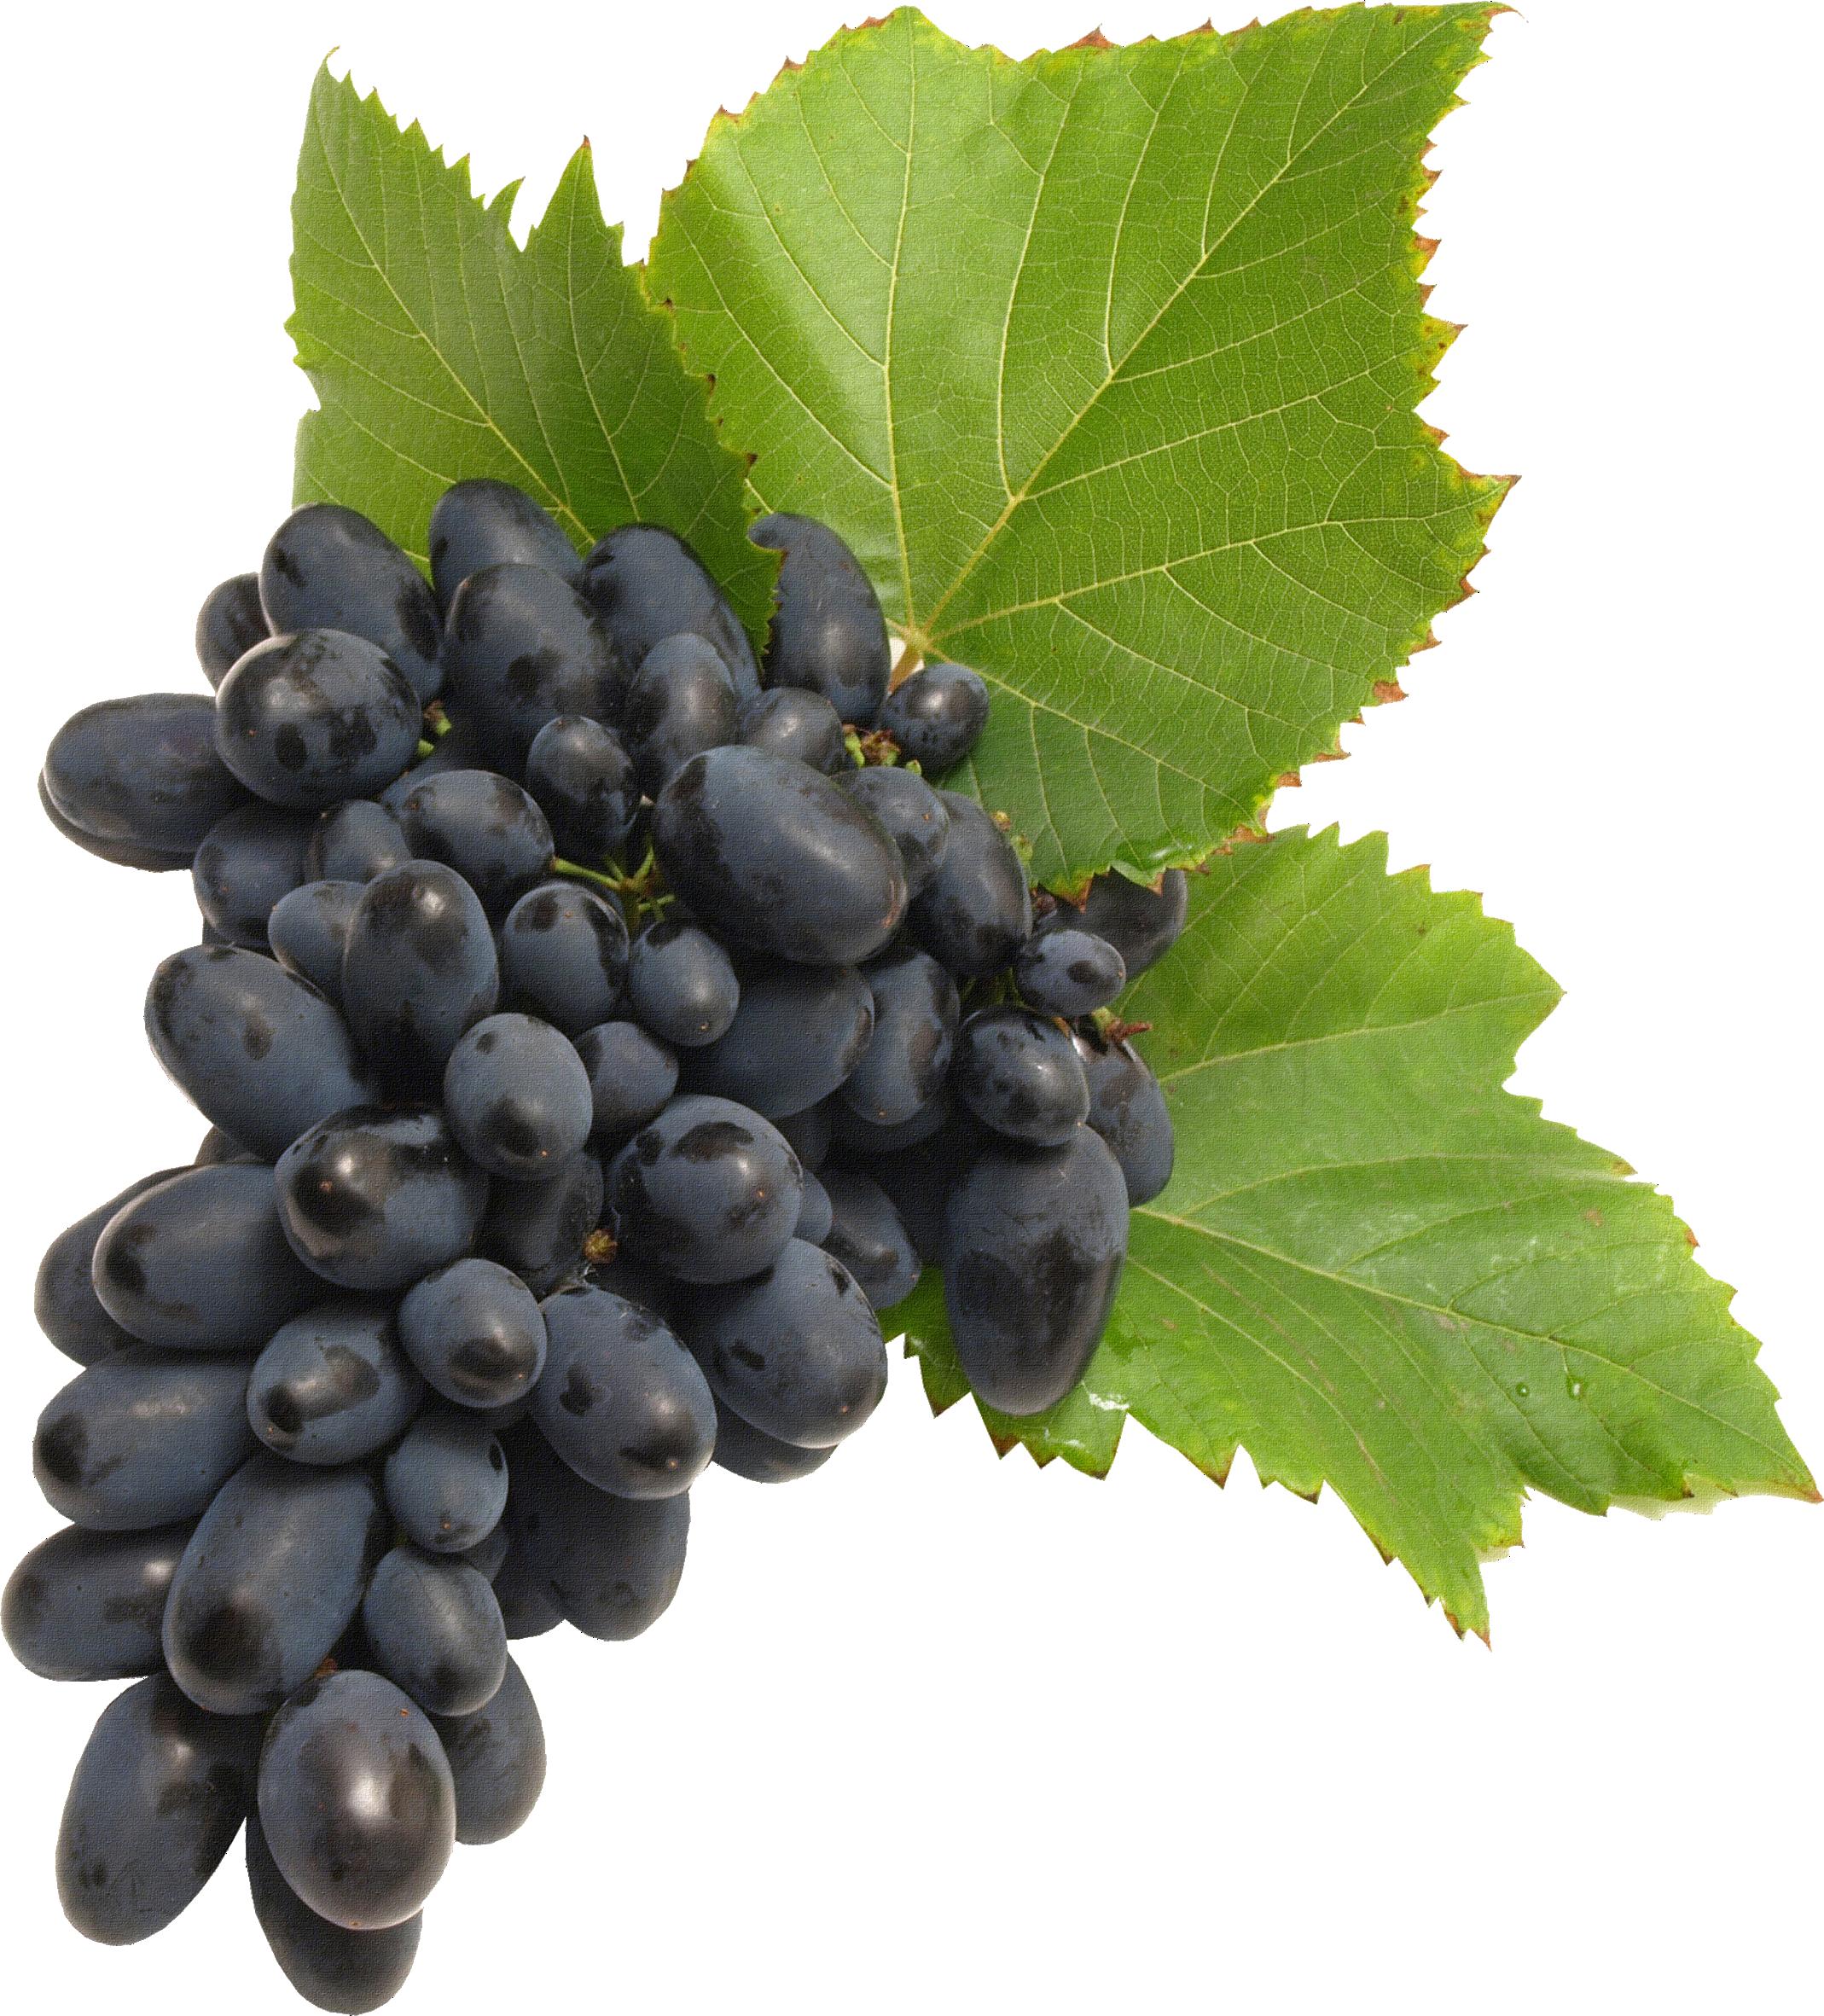 Grape Vine PNG HD Free - 121233